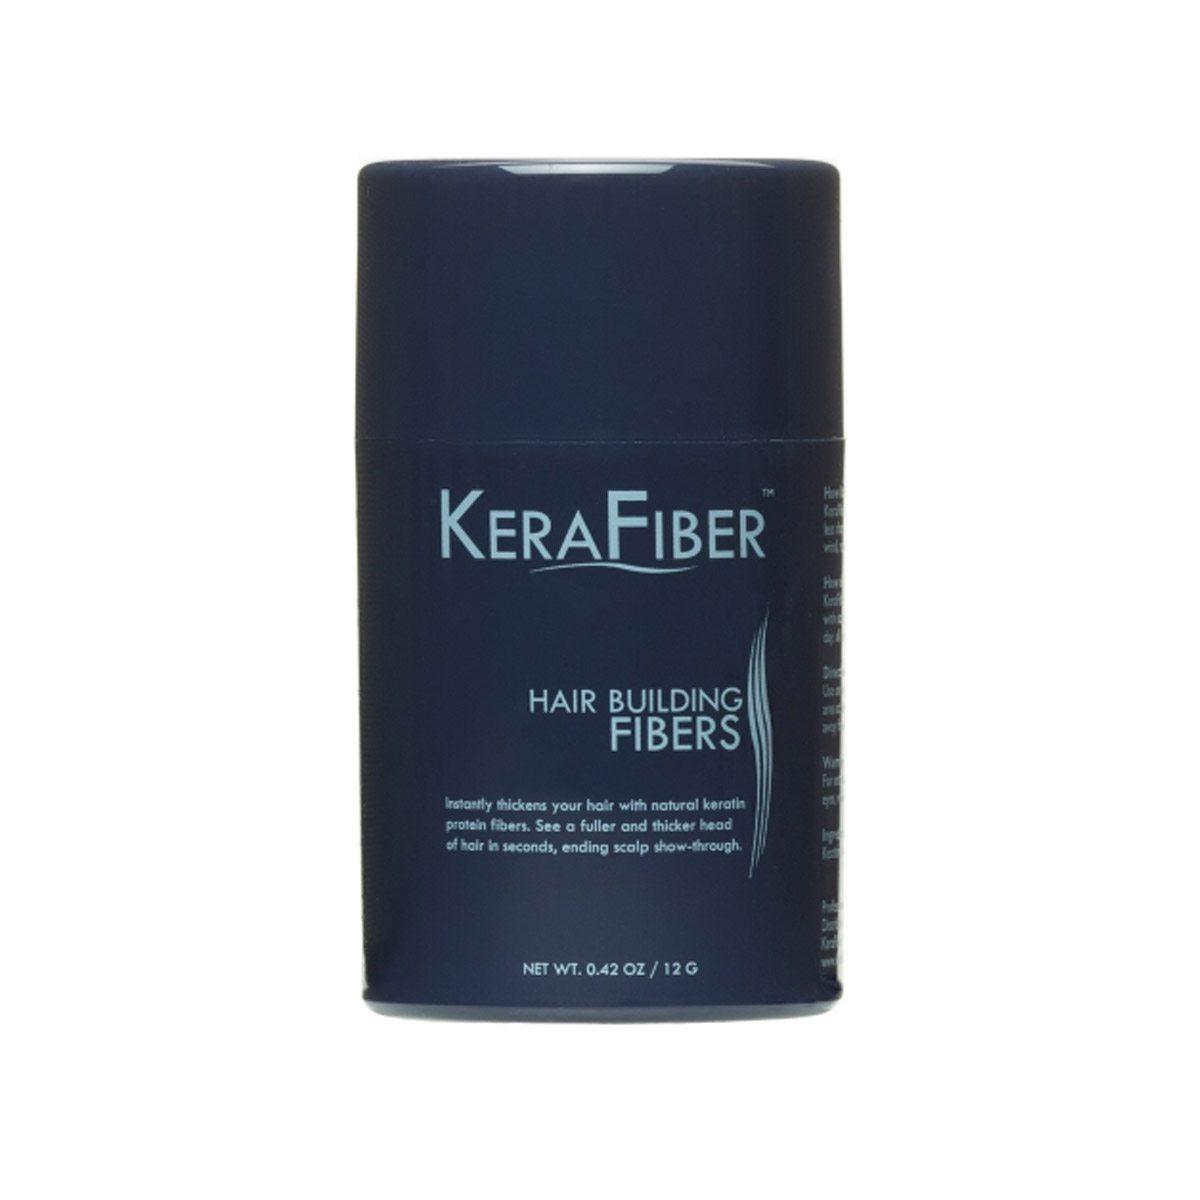 Kerafiber Hair Building Fibres (12g) - image Kerafiber-12g on https://purewigs.com